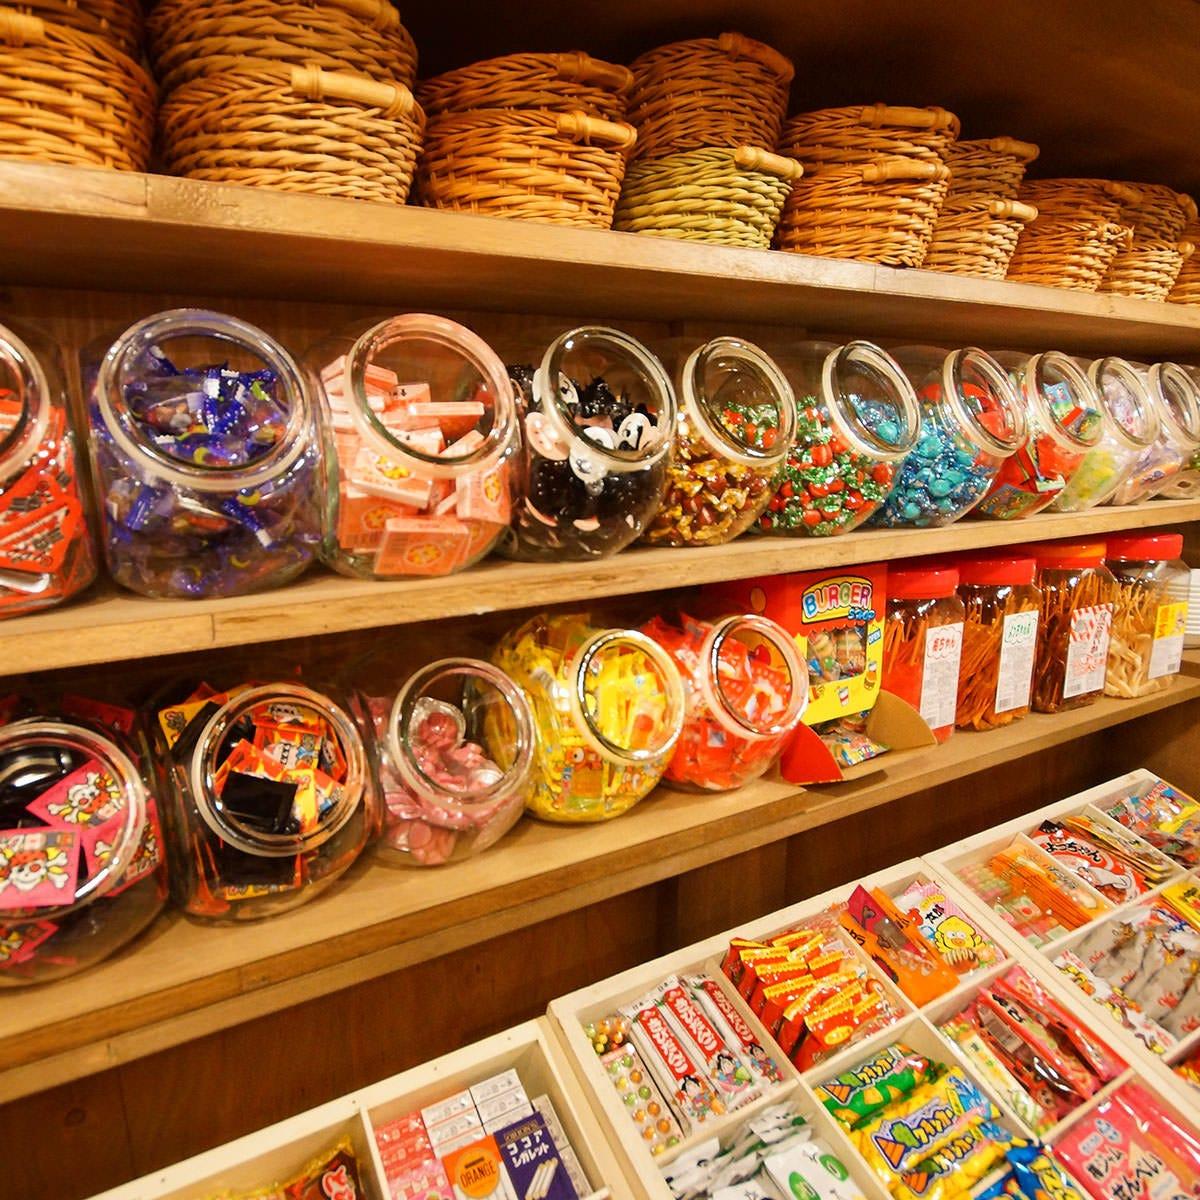 京都 駄菓子 バー 500円で駄菓子食べ放題の「駄菓子バー」が面白すぎた!